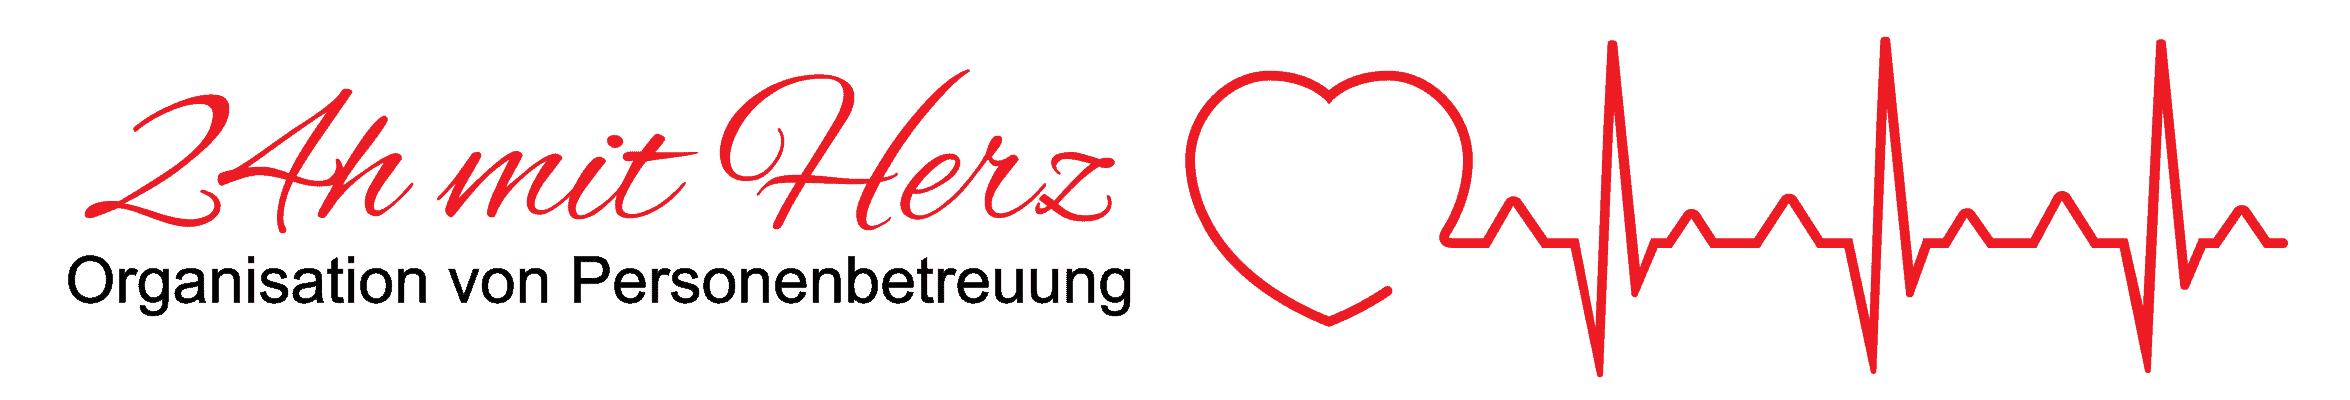 24h mit Herz | Rund um die Uhr Betreuung in Österreich